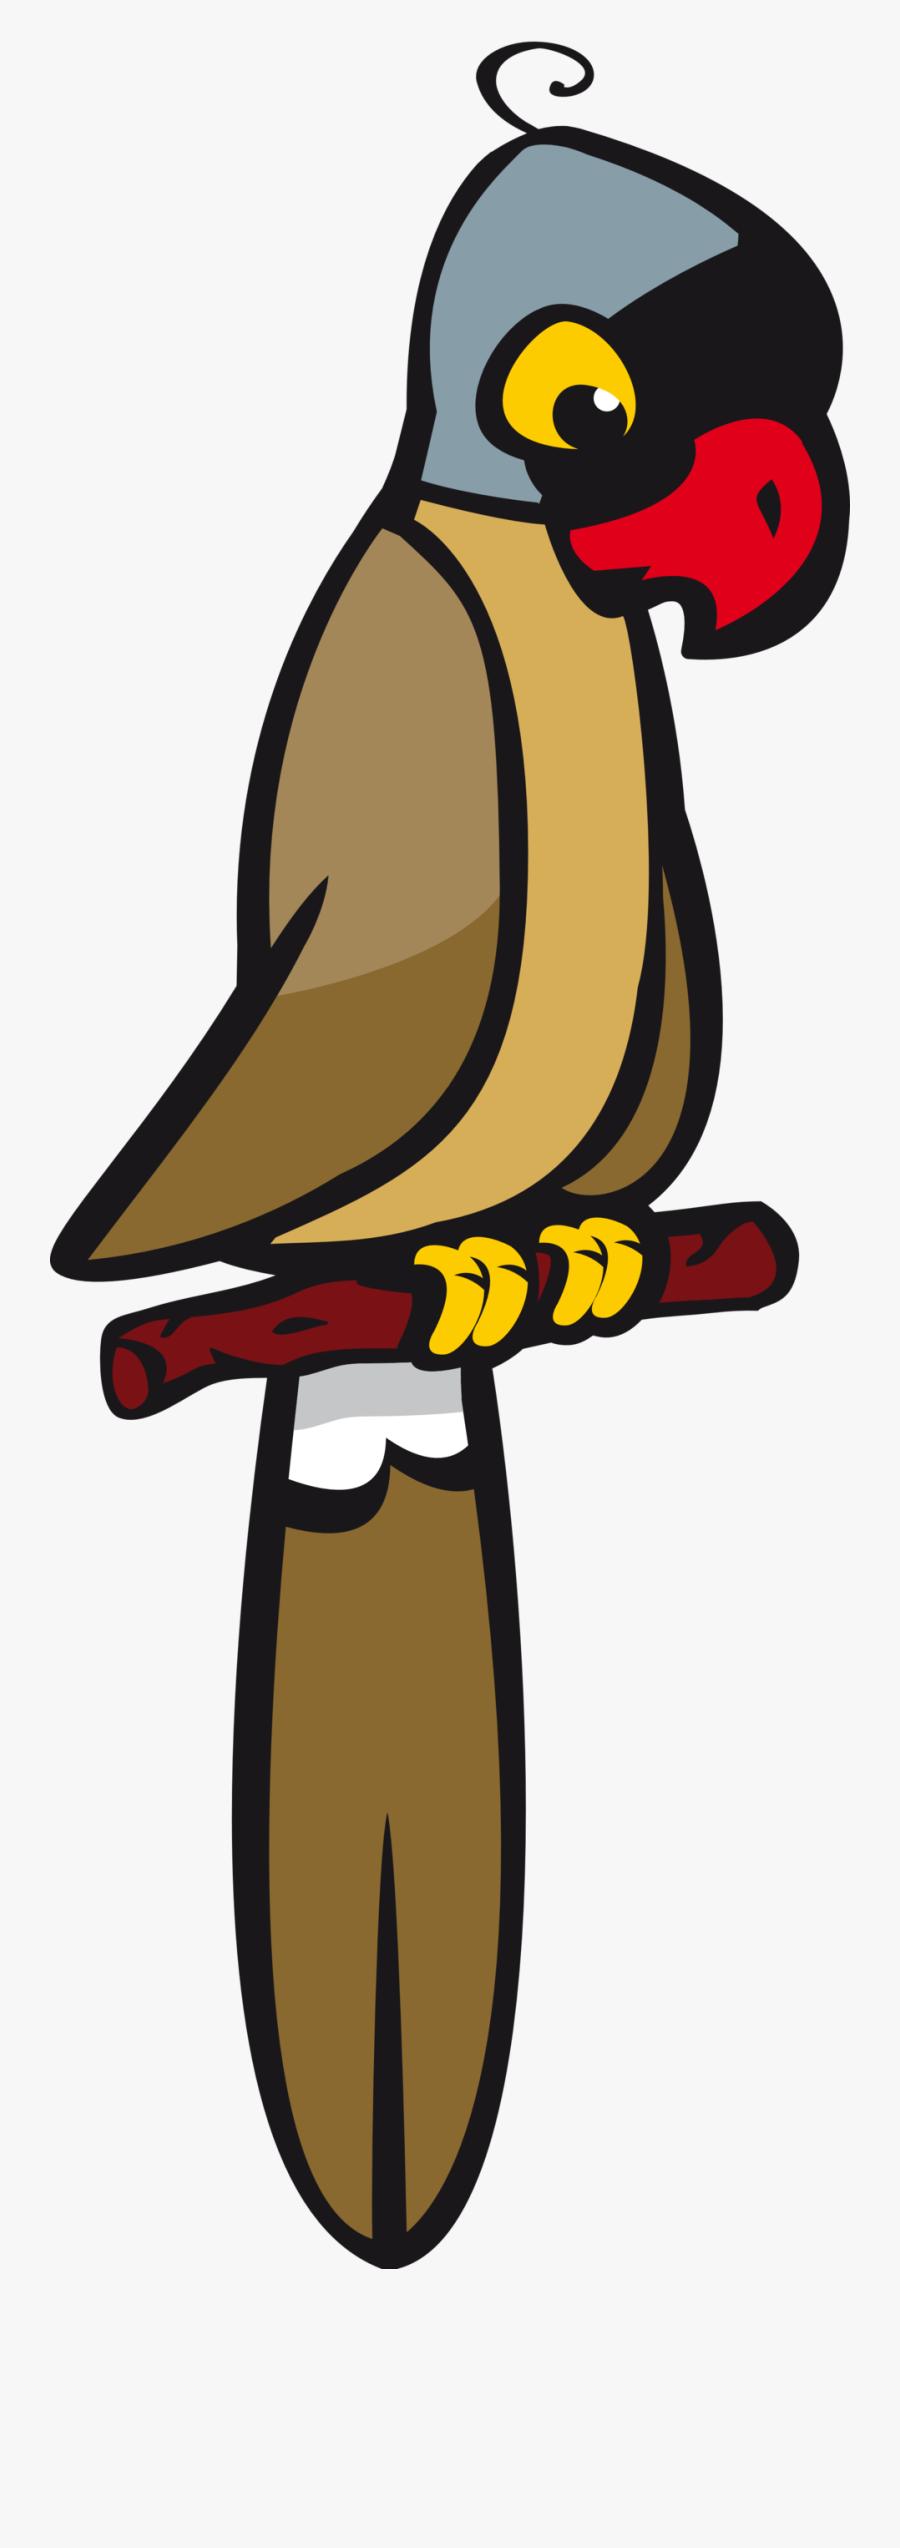 Kartun Burung Bayan Free Transparent Clipart ClipartKey